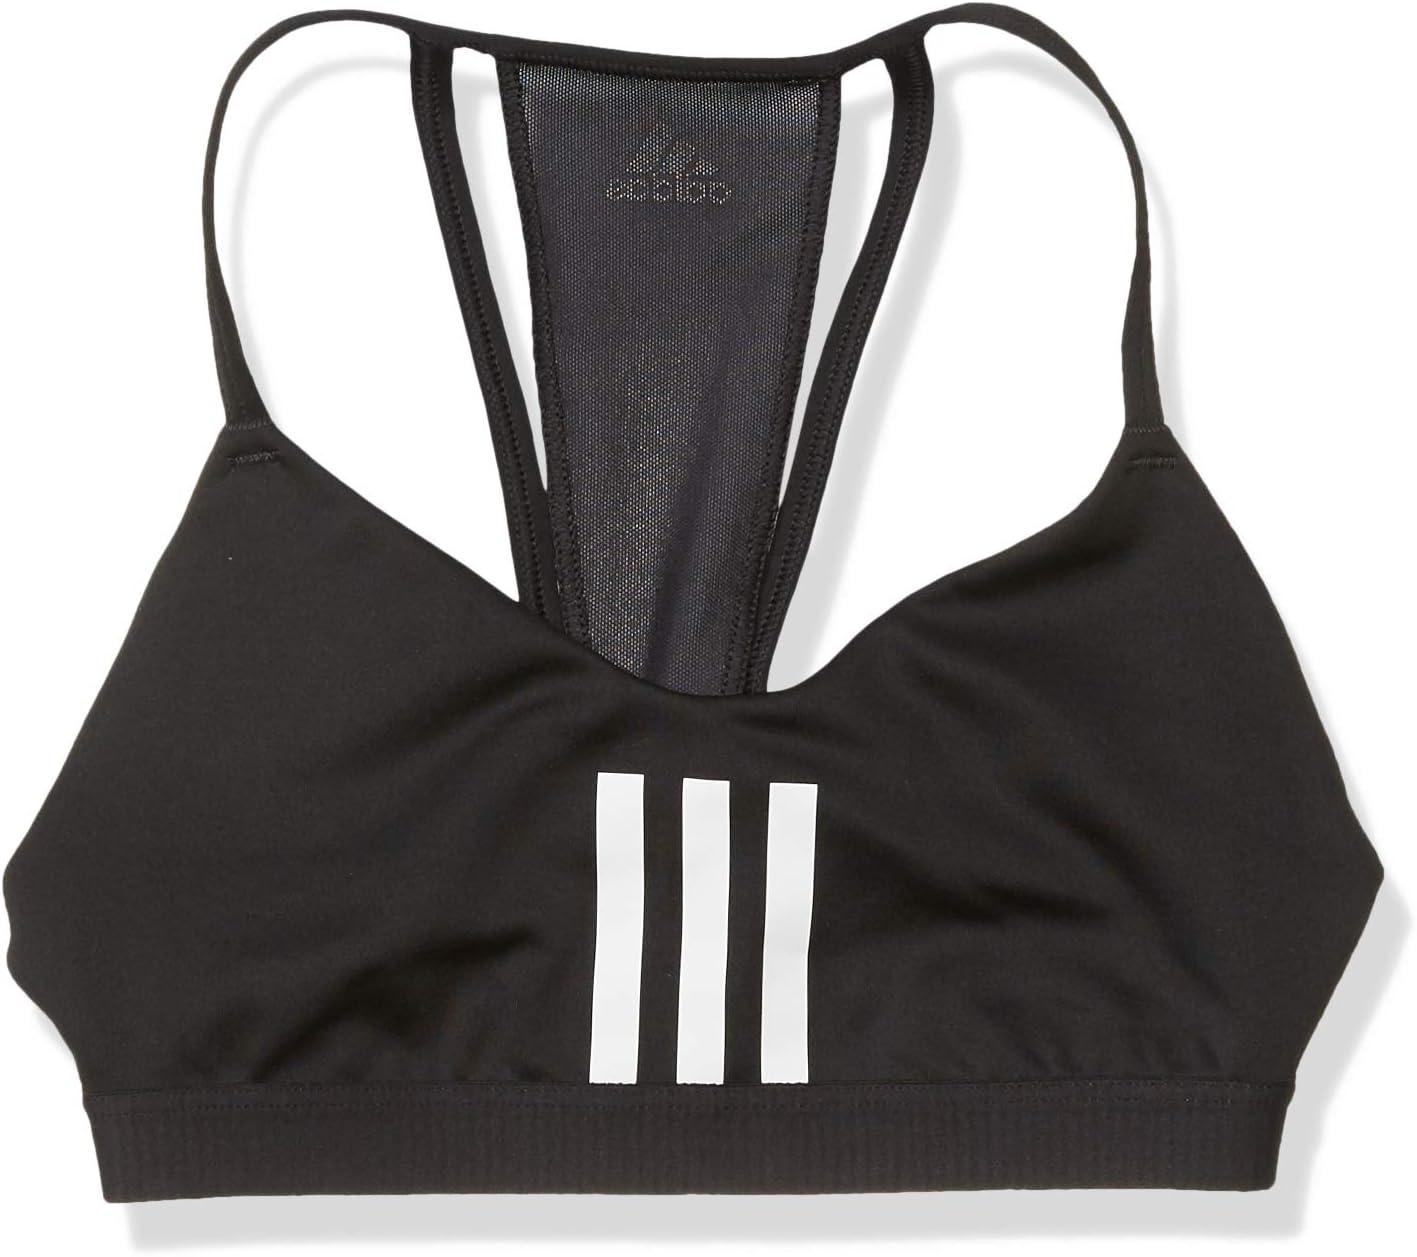 adidas Women's All Me 3-Stripes Mesh AEROREADY Training Pilates Yoga Workout Bra